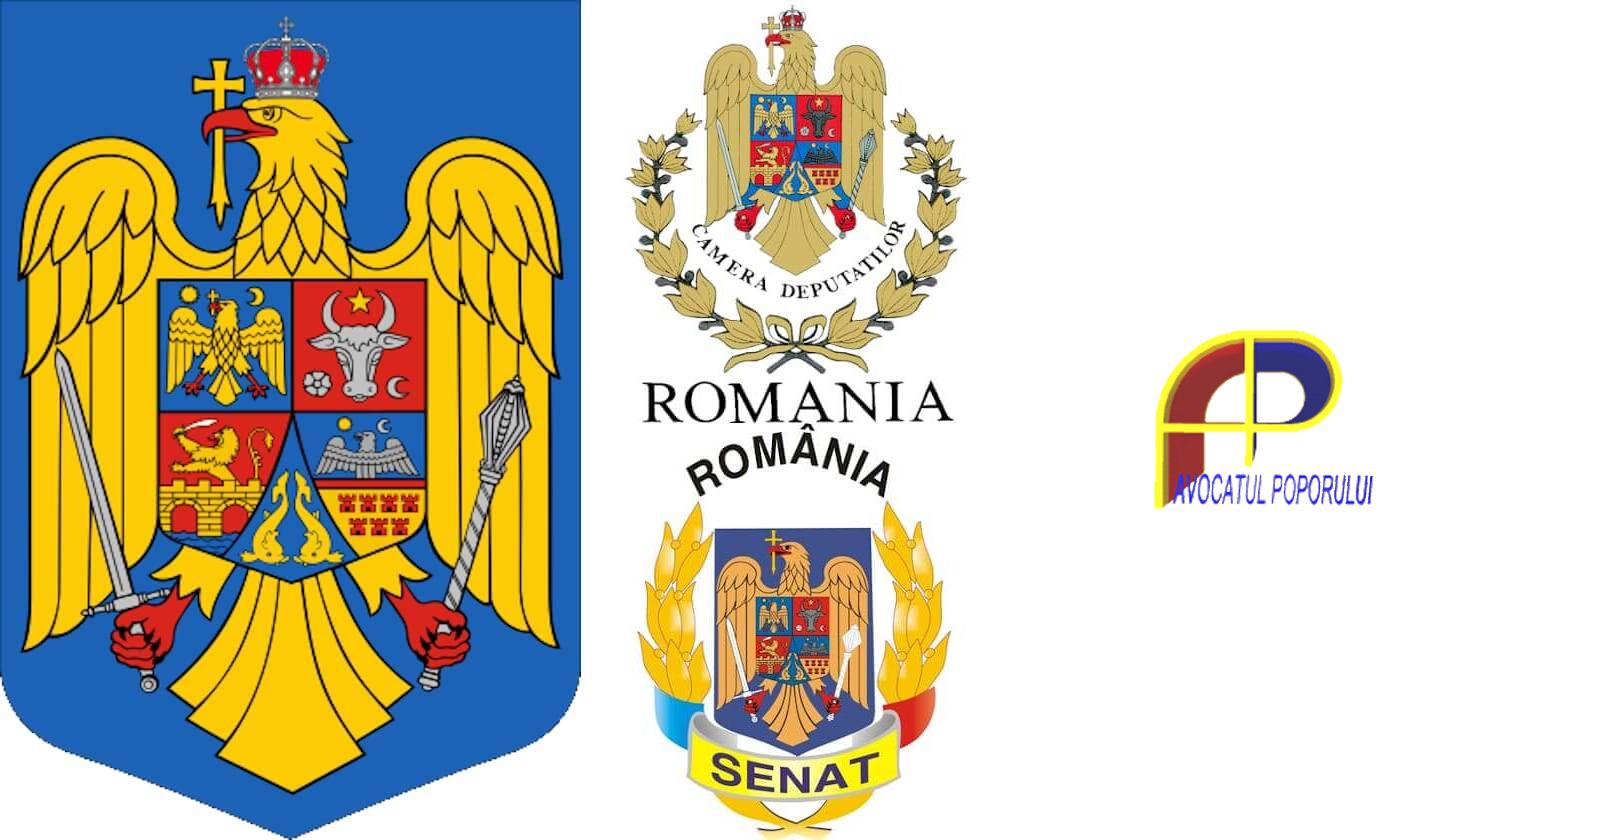 https://ziarul.romania-rationala.ro/control/articole/articole/parlamentul-romaniei--avocatul-poporului-banner.jpg